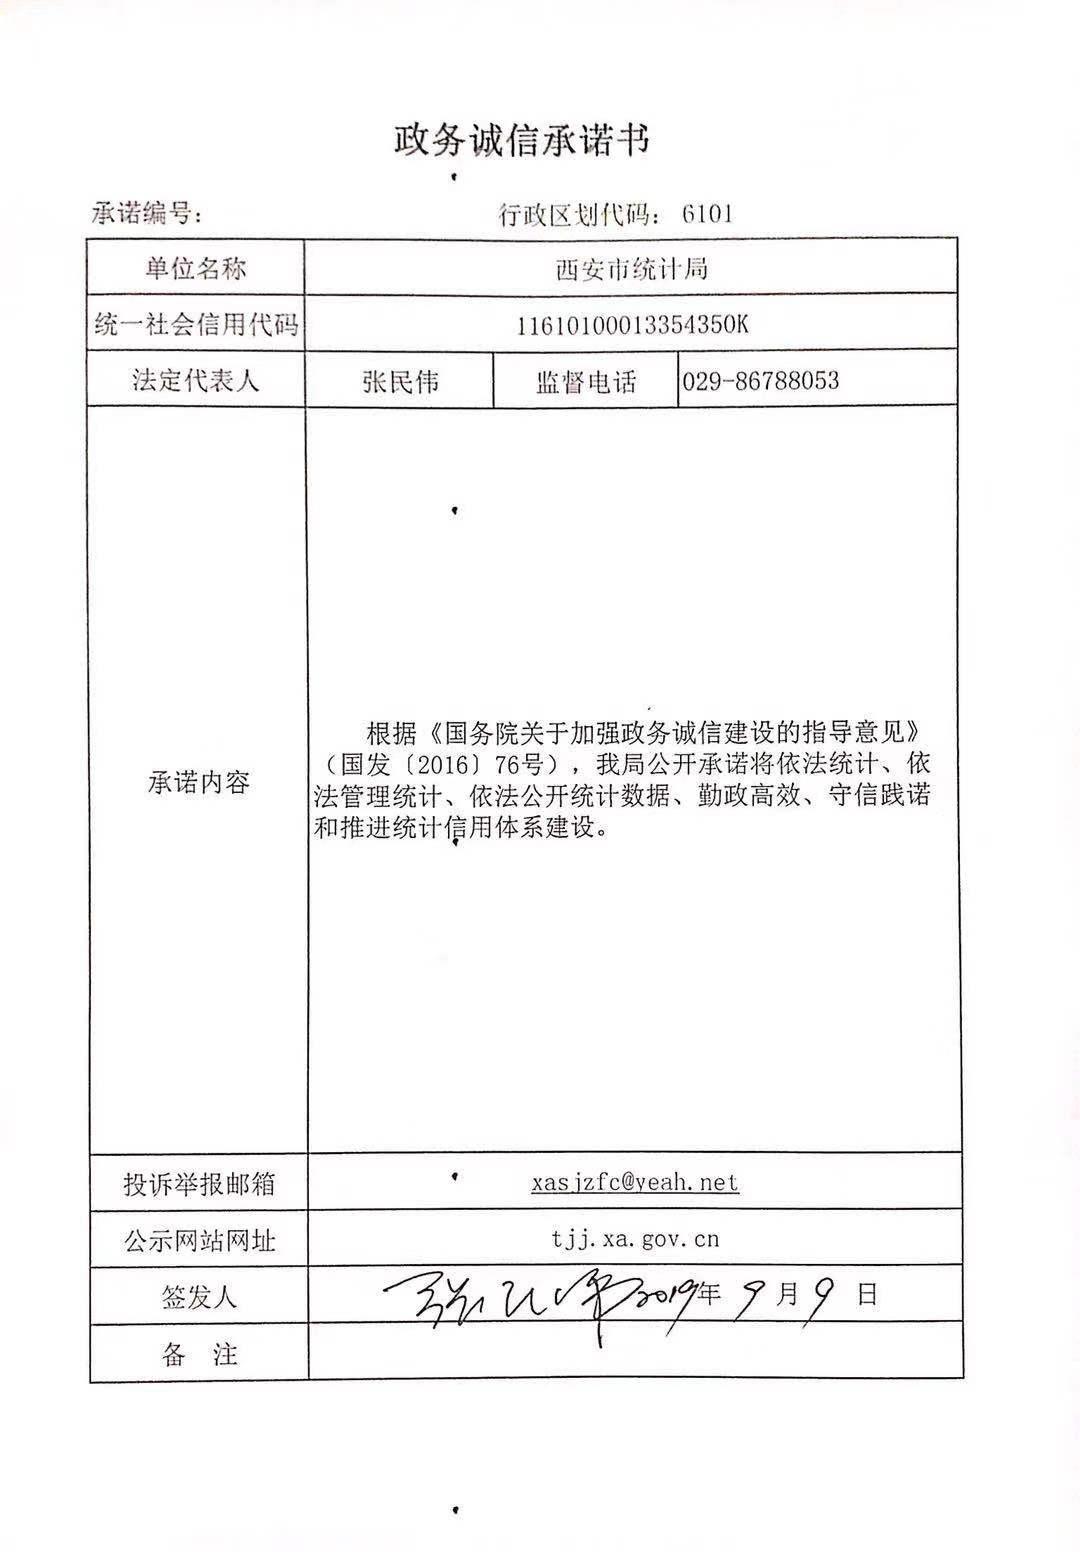 北京赛车pk拾信誉平台政务诚信承诺书.jpg